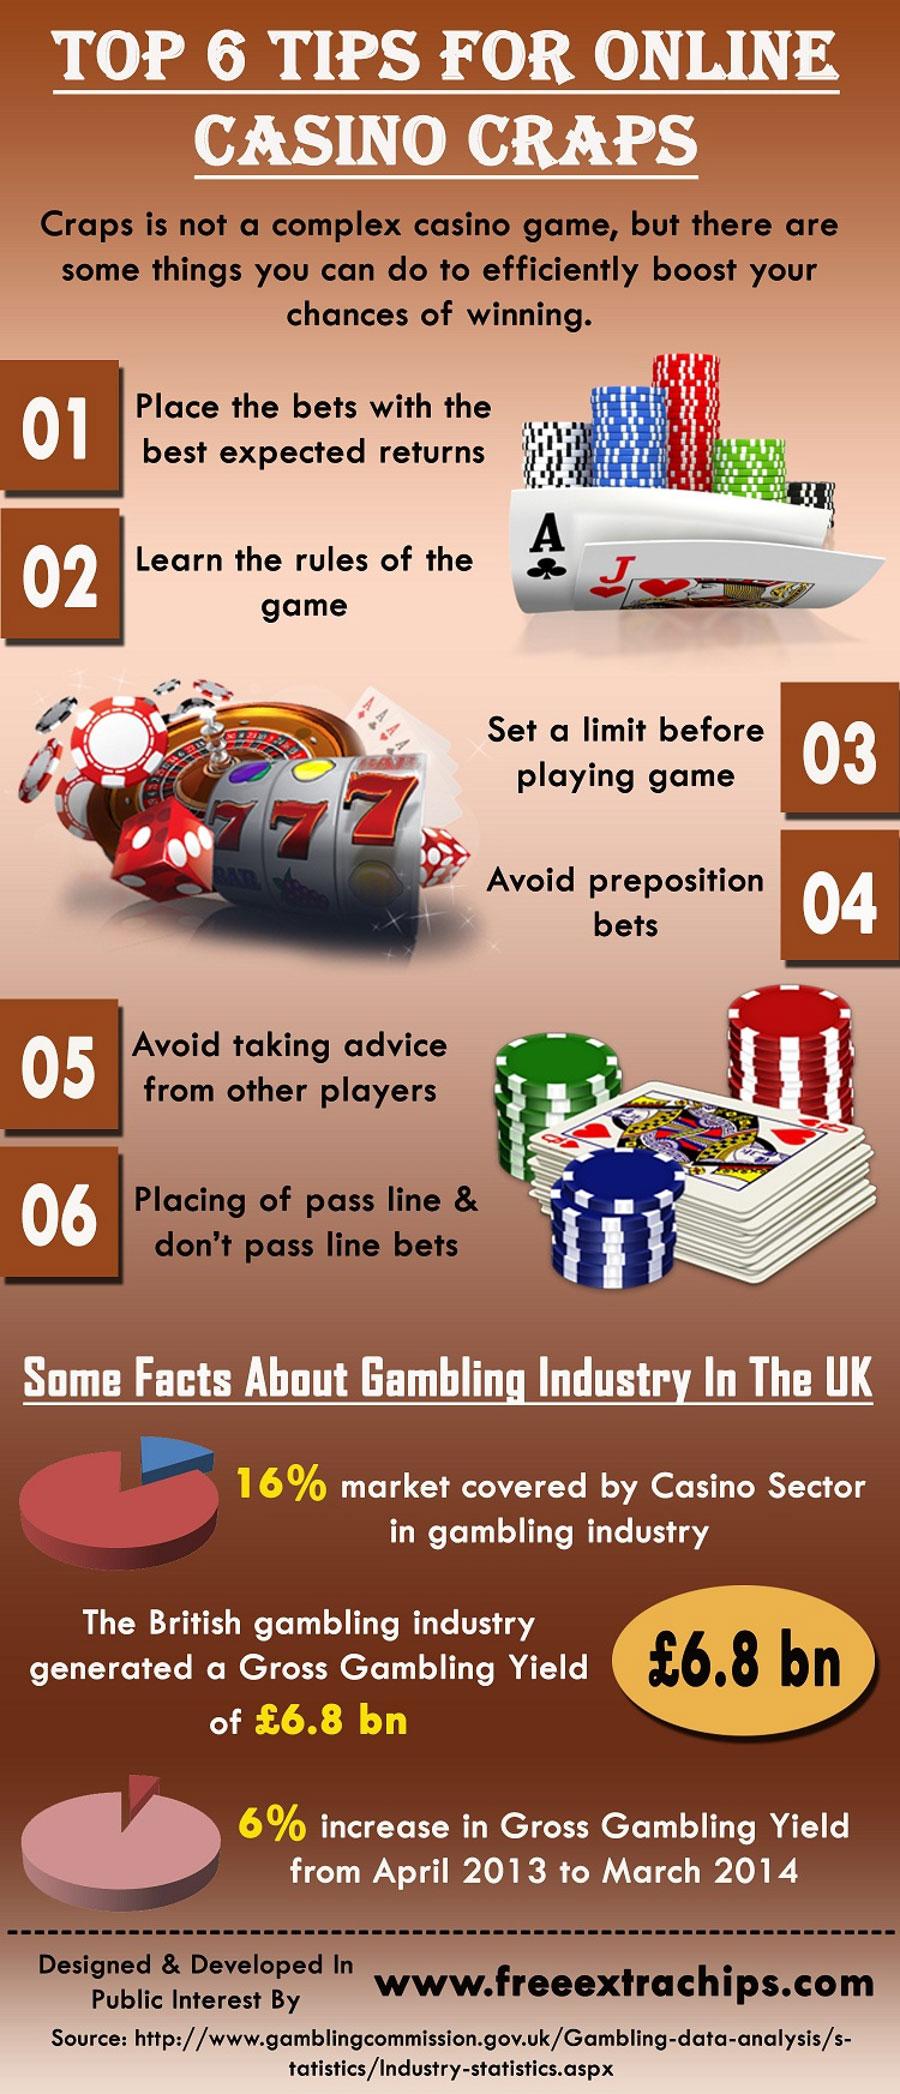 top-6-tips-for-online-casino-craps